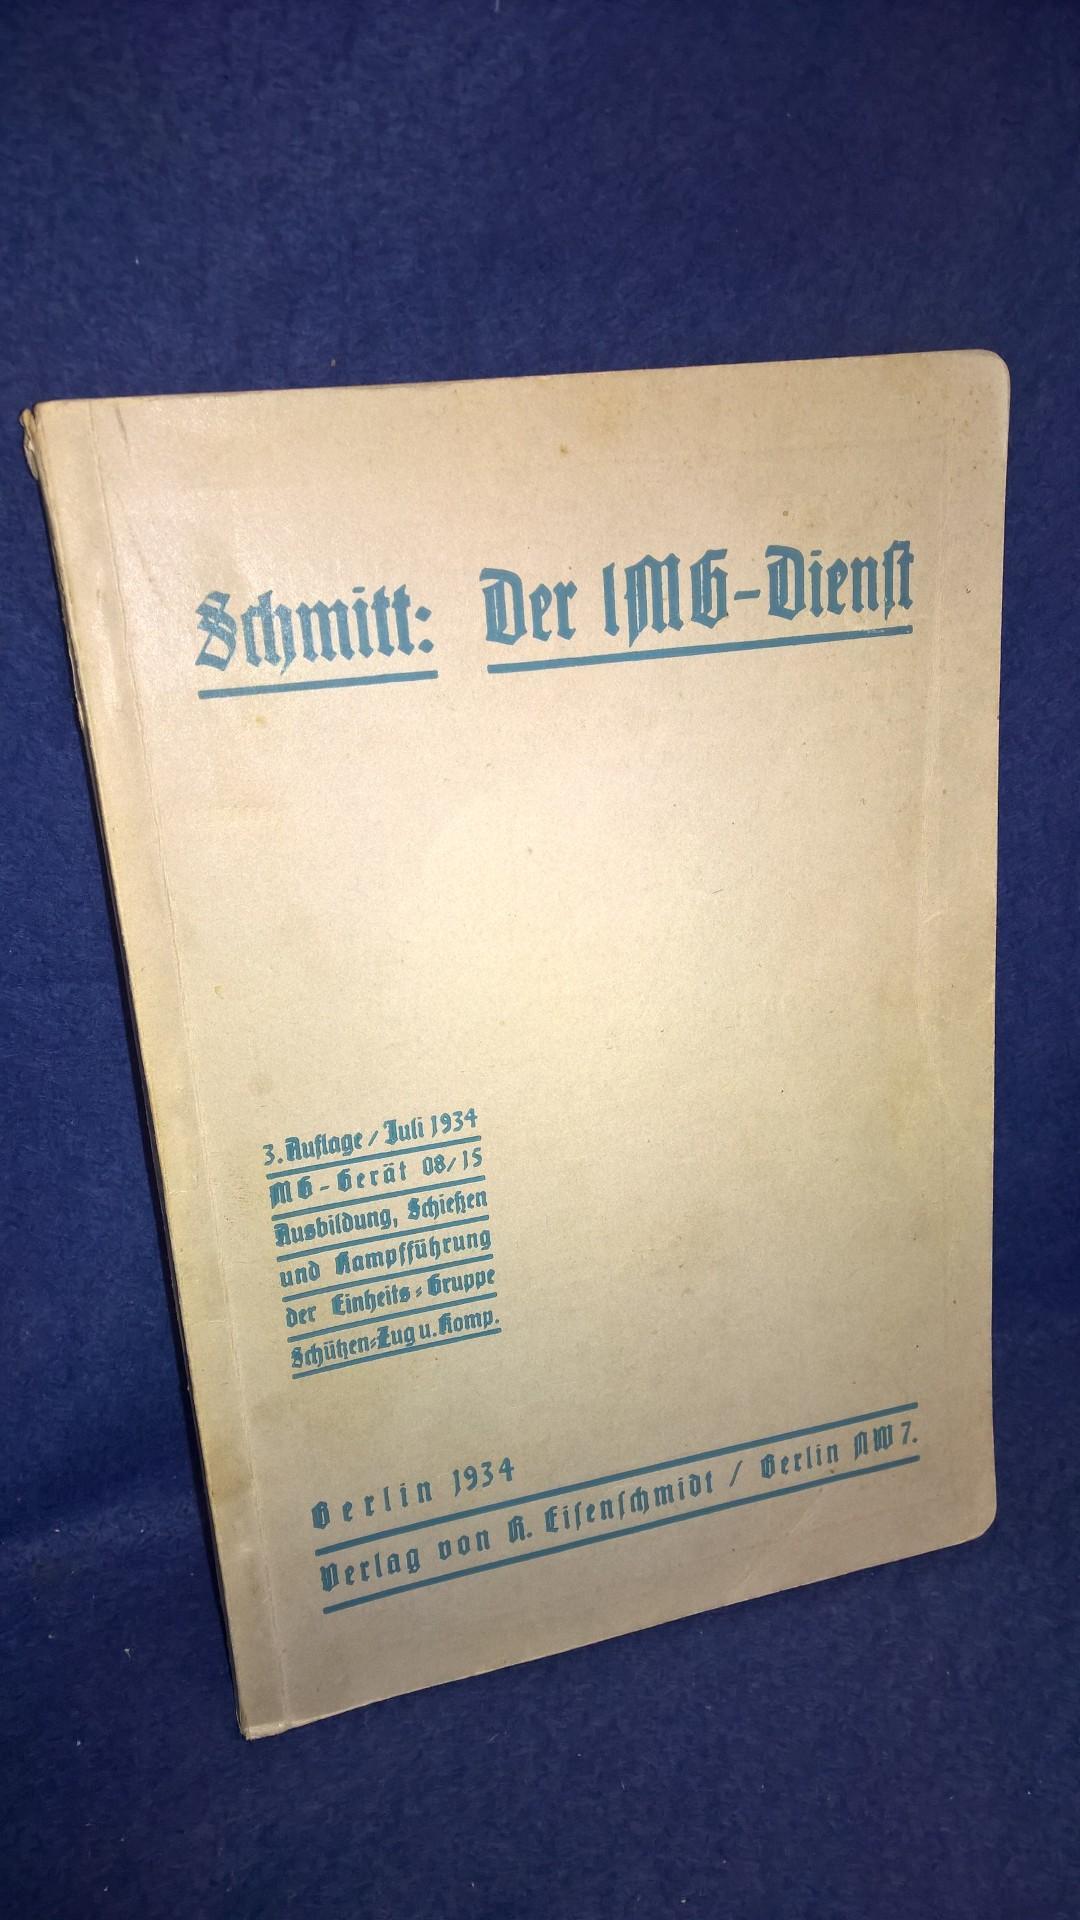 Der lMG-Dienst. (MG-Gerät 08/15. Ausbildung, Schießen und Kampfführung der Einheits-Gruppe,Schützen-Zug und Kompanie.)